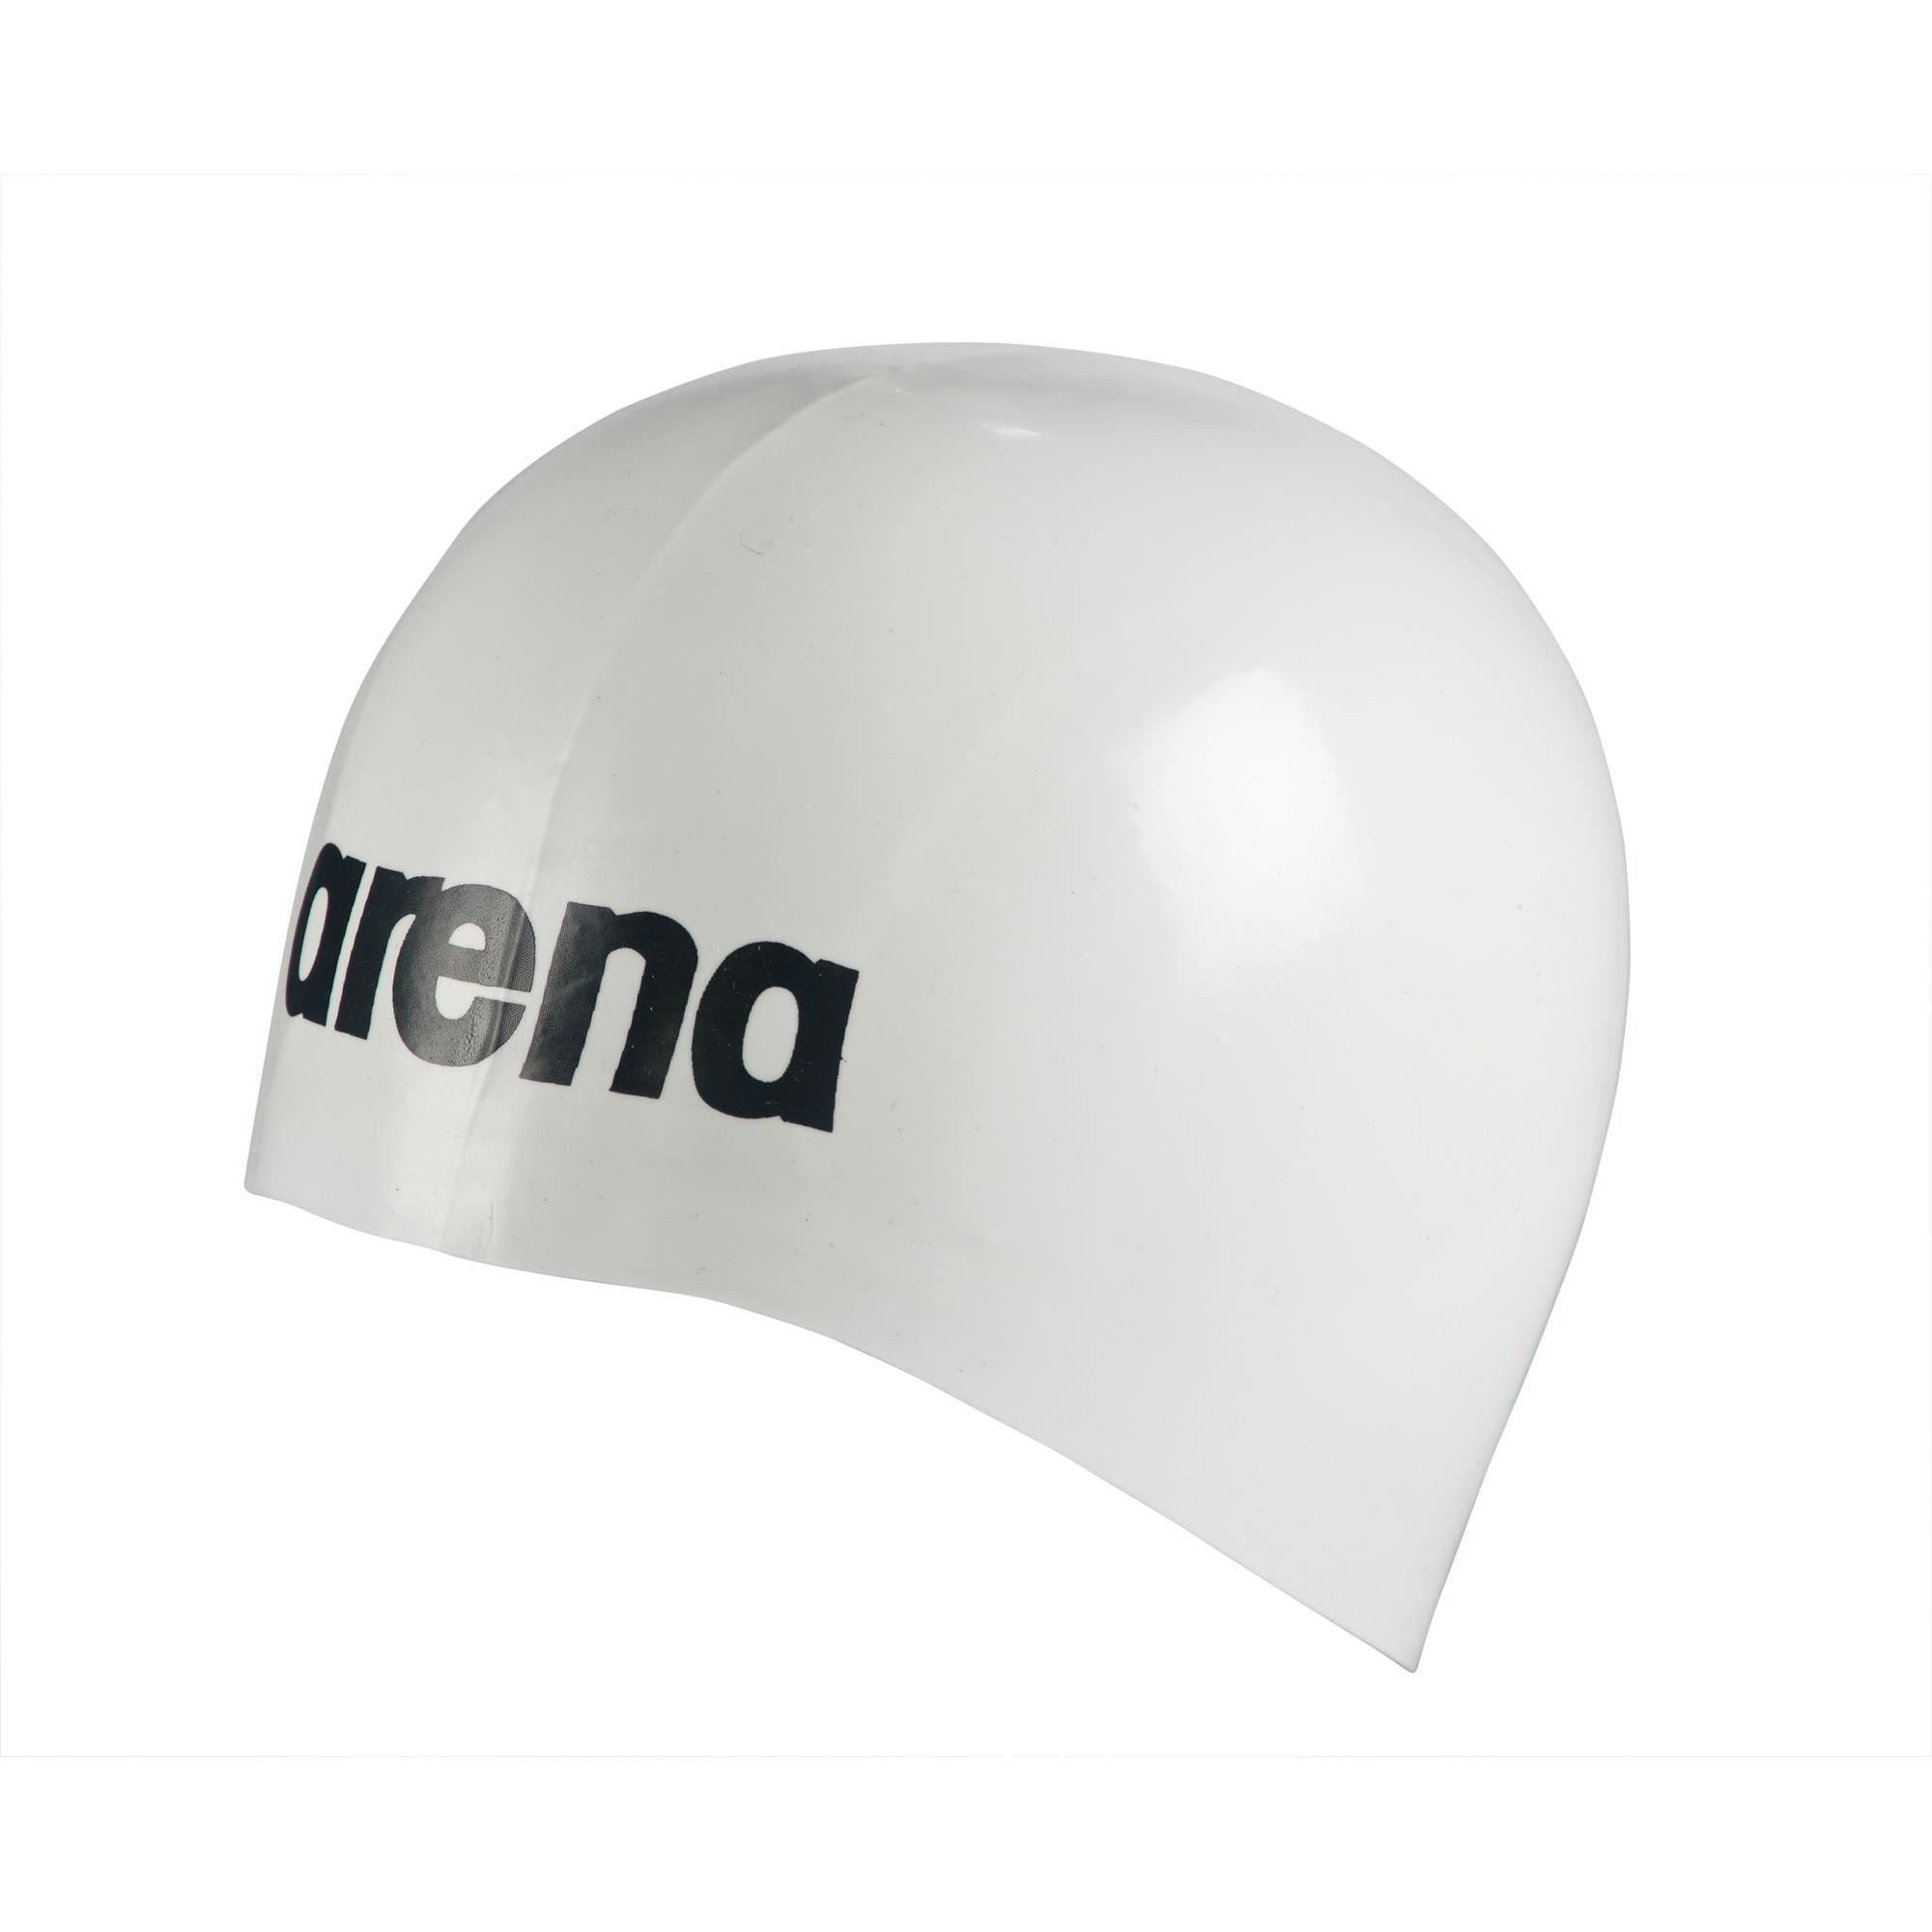 Arena 3D Ultra Unisex Swimming Cap unisex